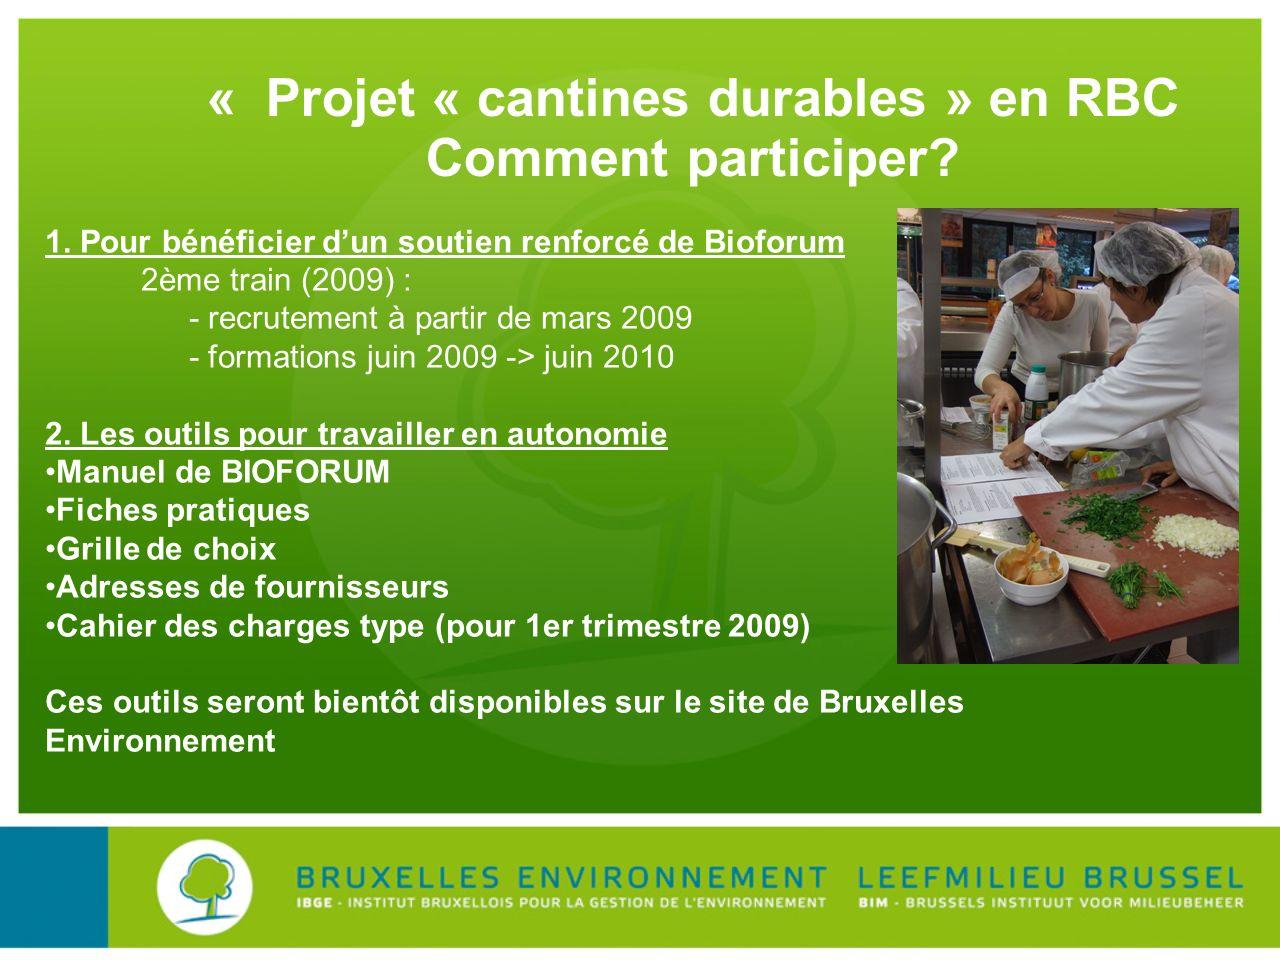 « Projet « cantines durables » en RBC Comment participer